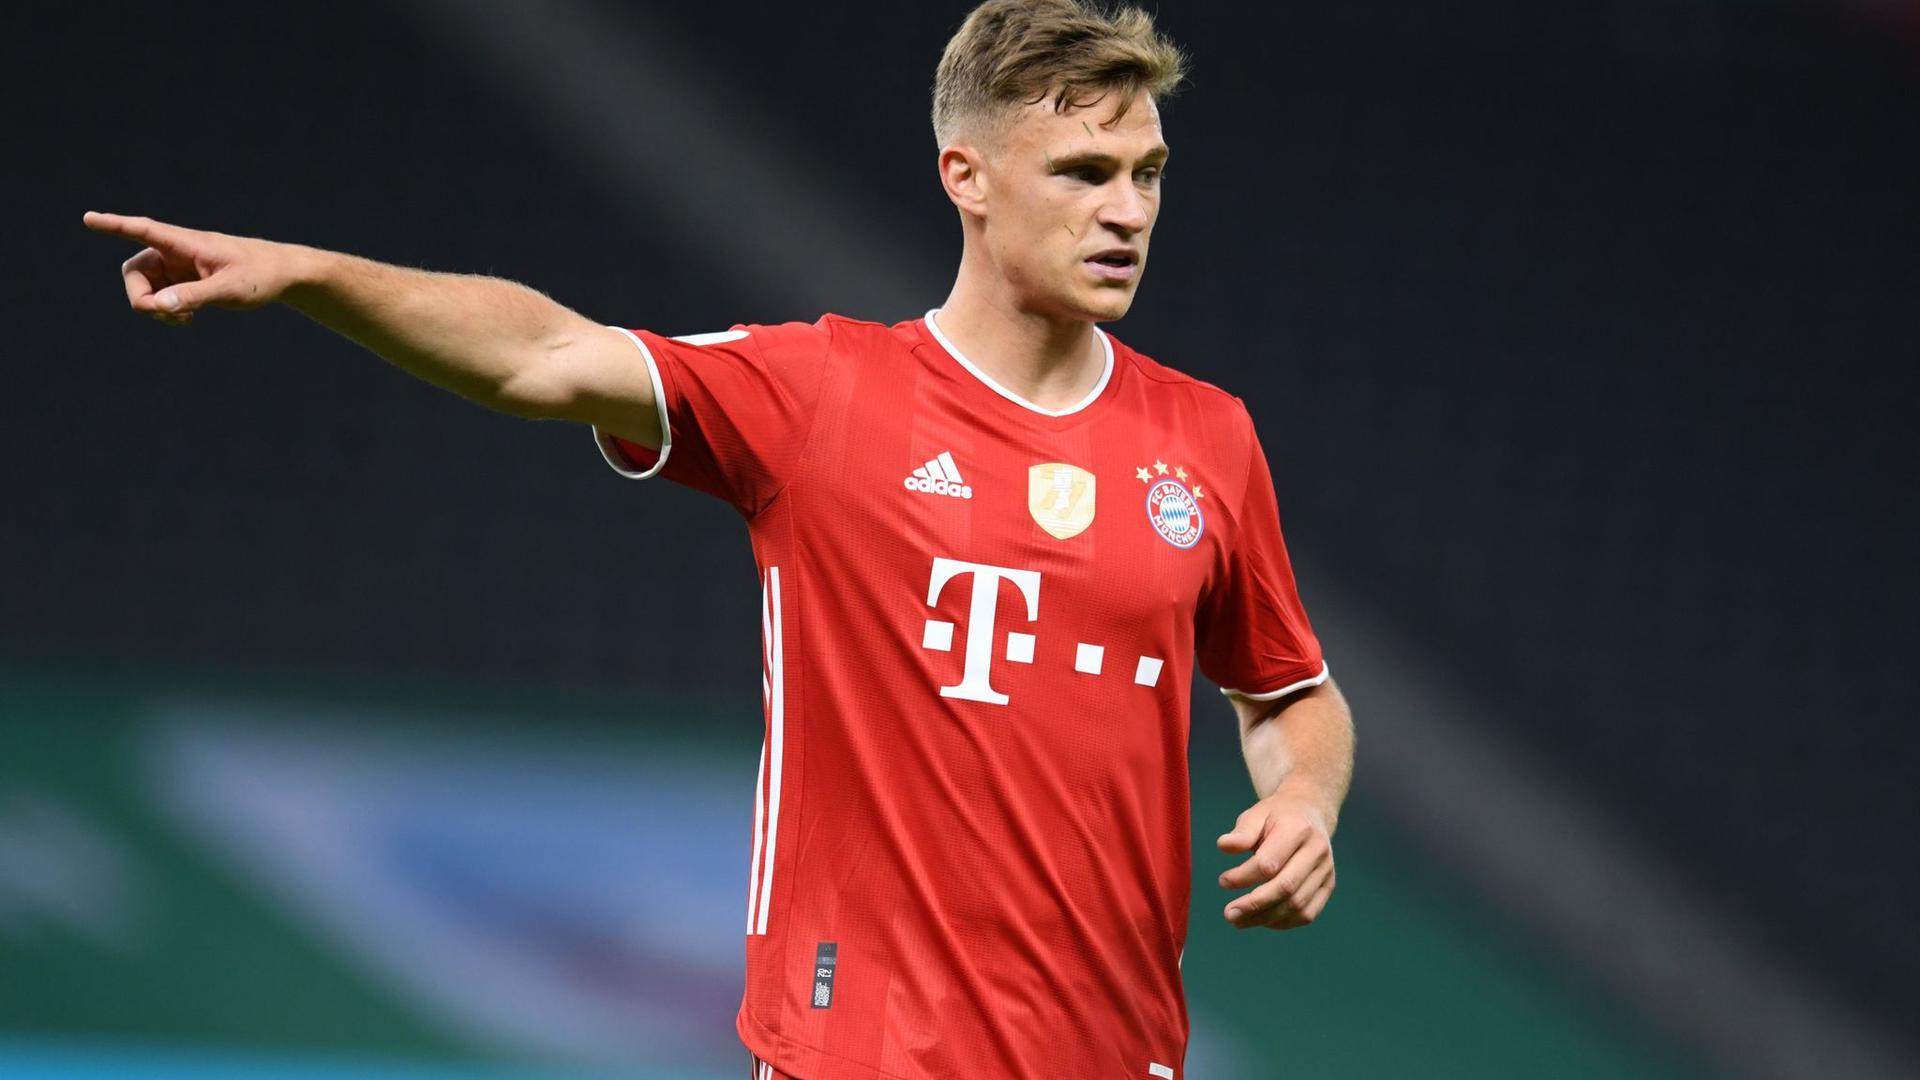 Kann beim FC Bayern eine Ära prägen: Joshua Kimmich.